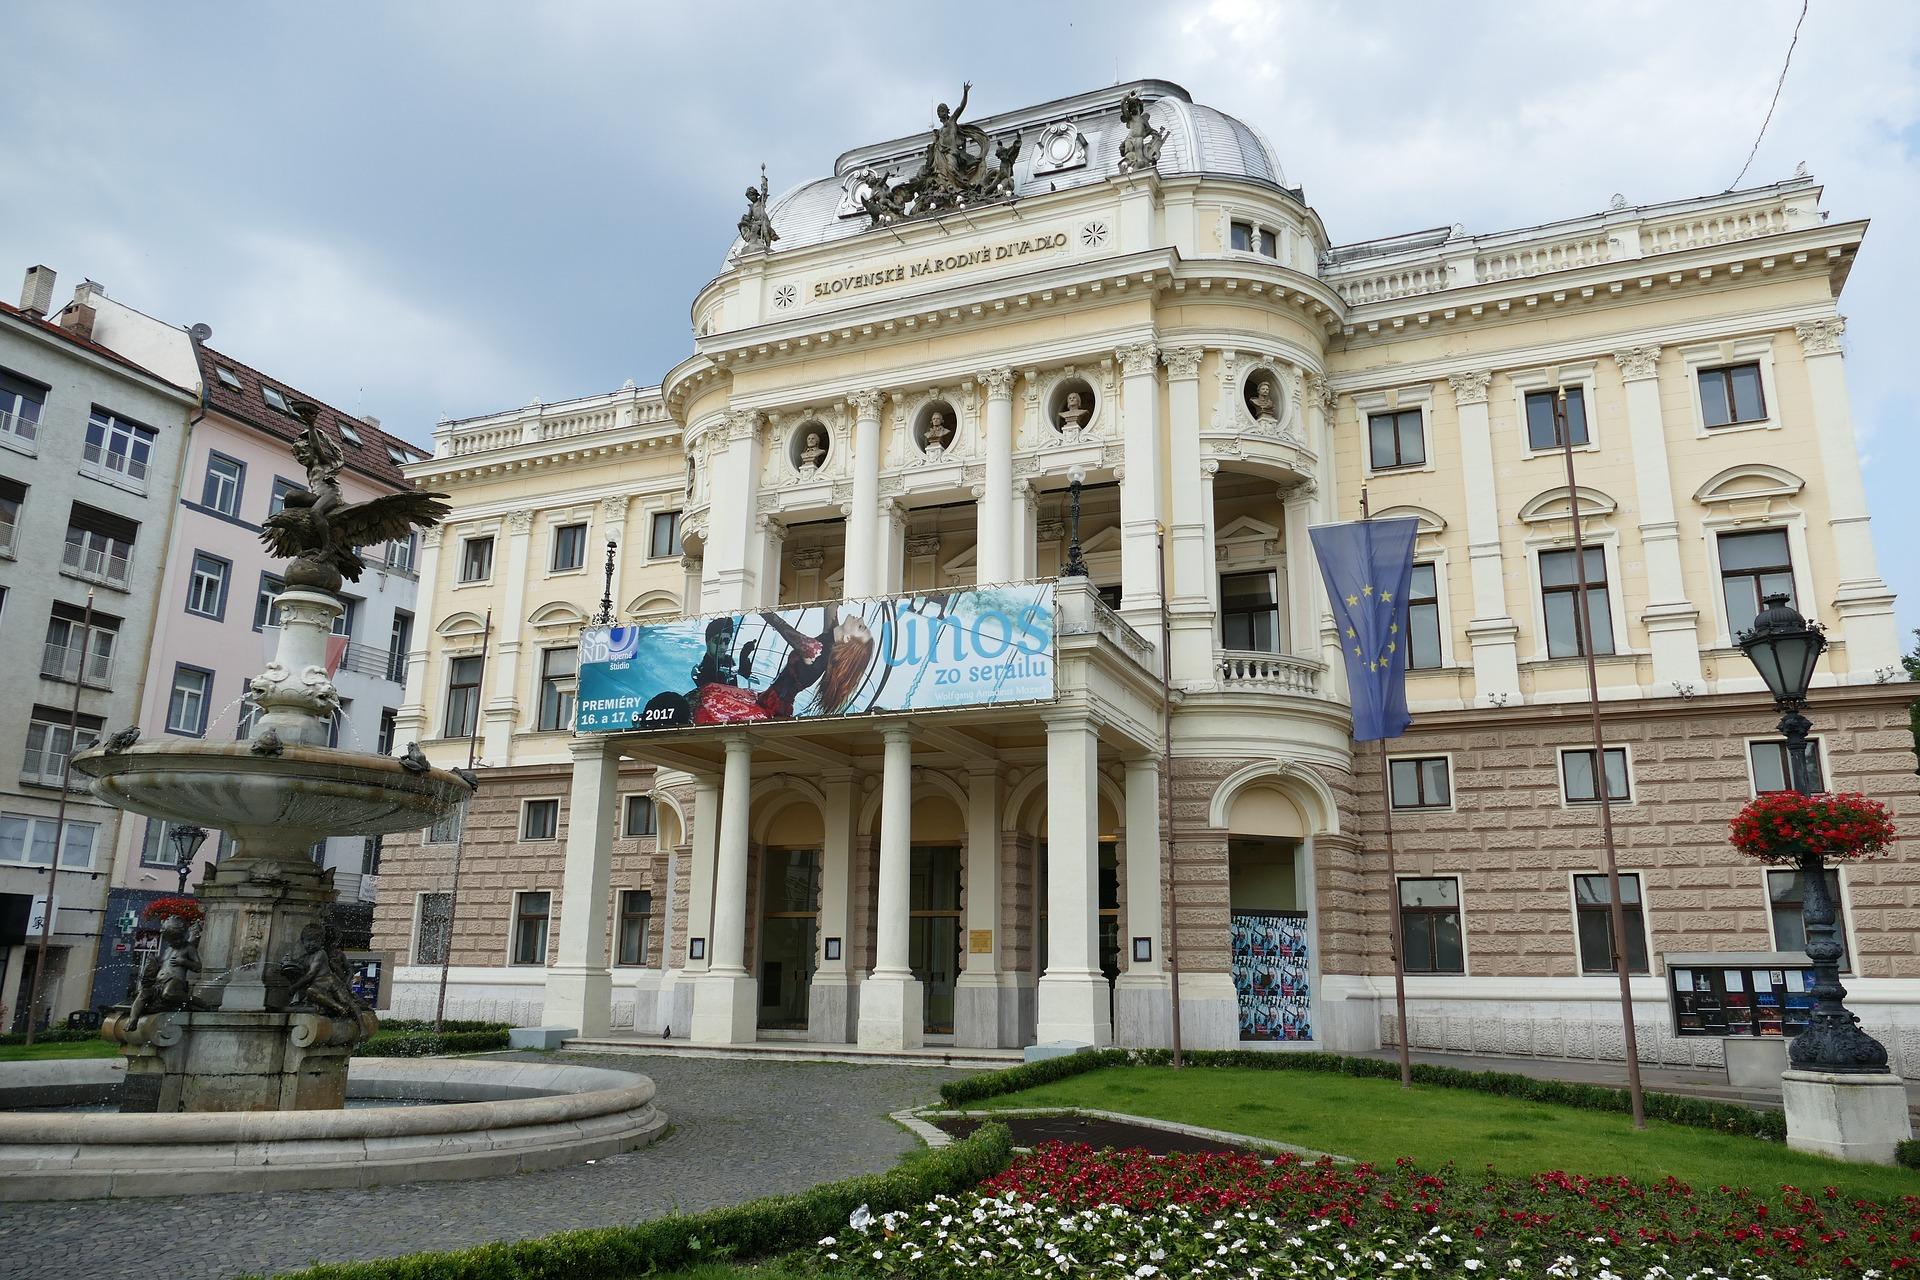 bratislava-2496872_1920